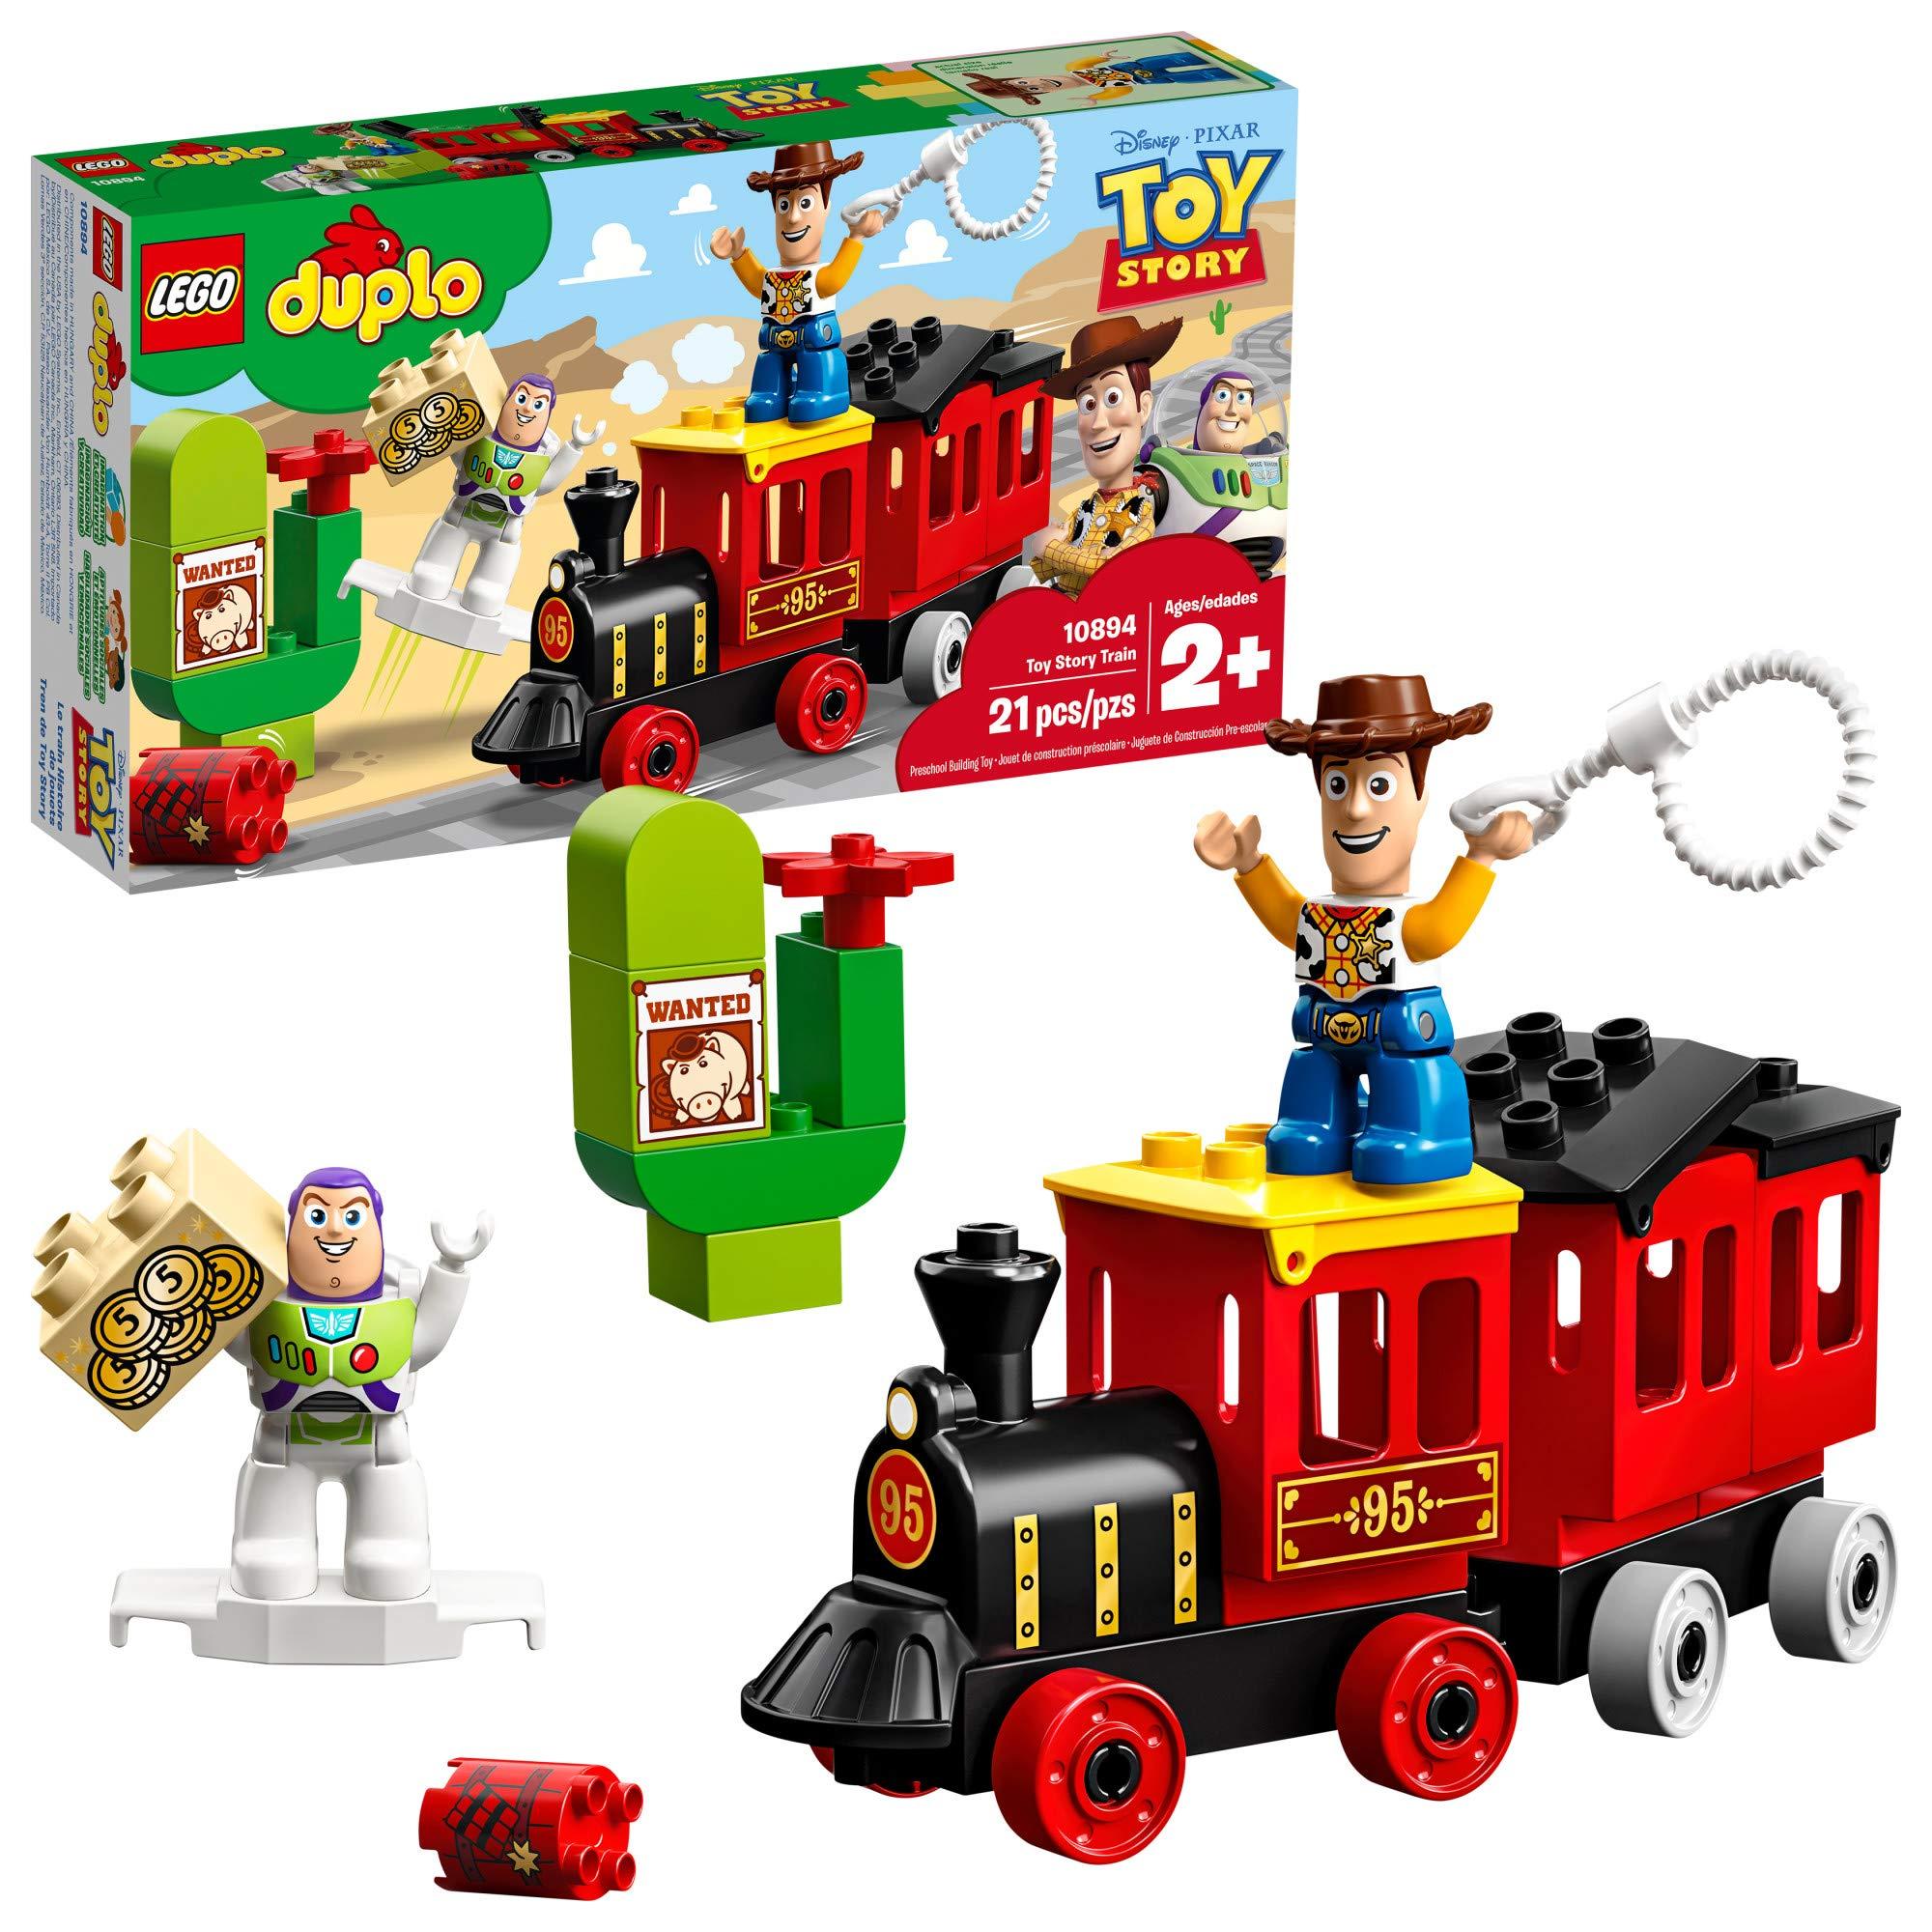 ویکالا · خرید  اصل اورجینال · خرید از آمازون · LEGO Duplo Toy Story Train 10894, New 2019 wekala · ویکالا